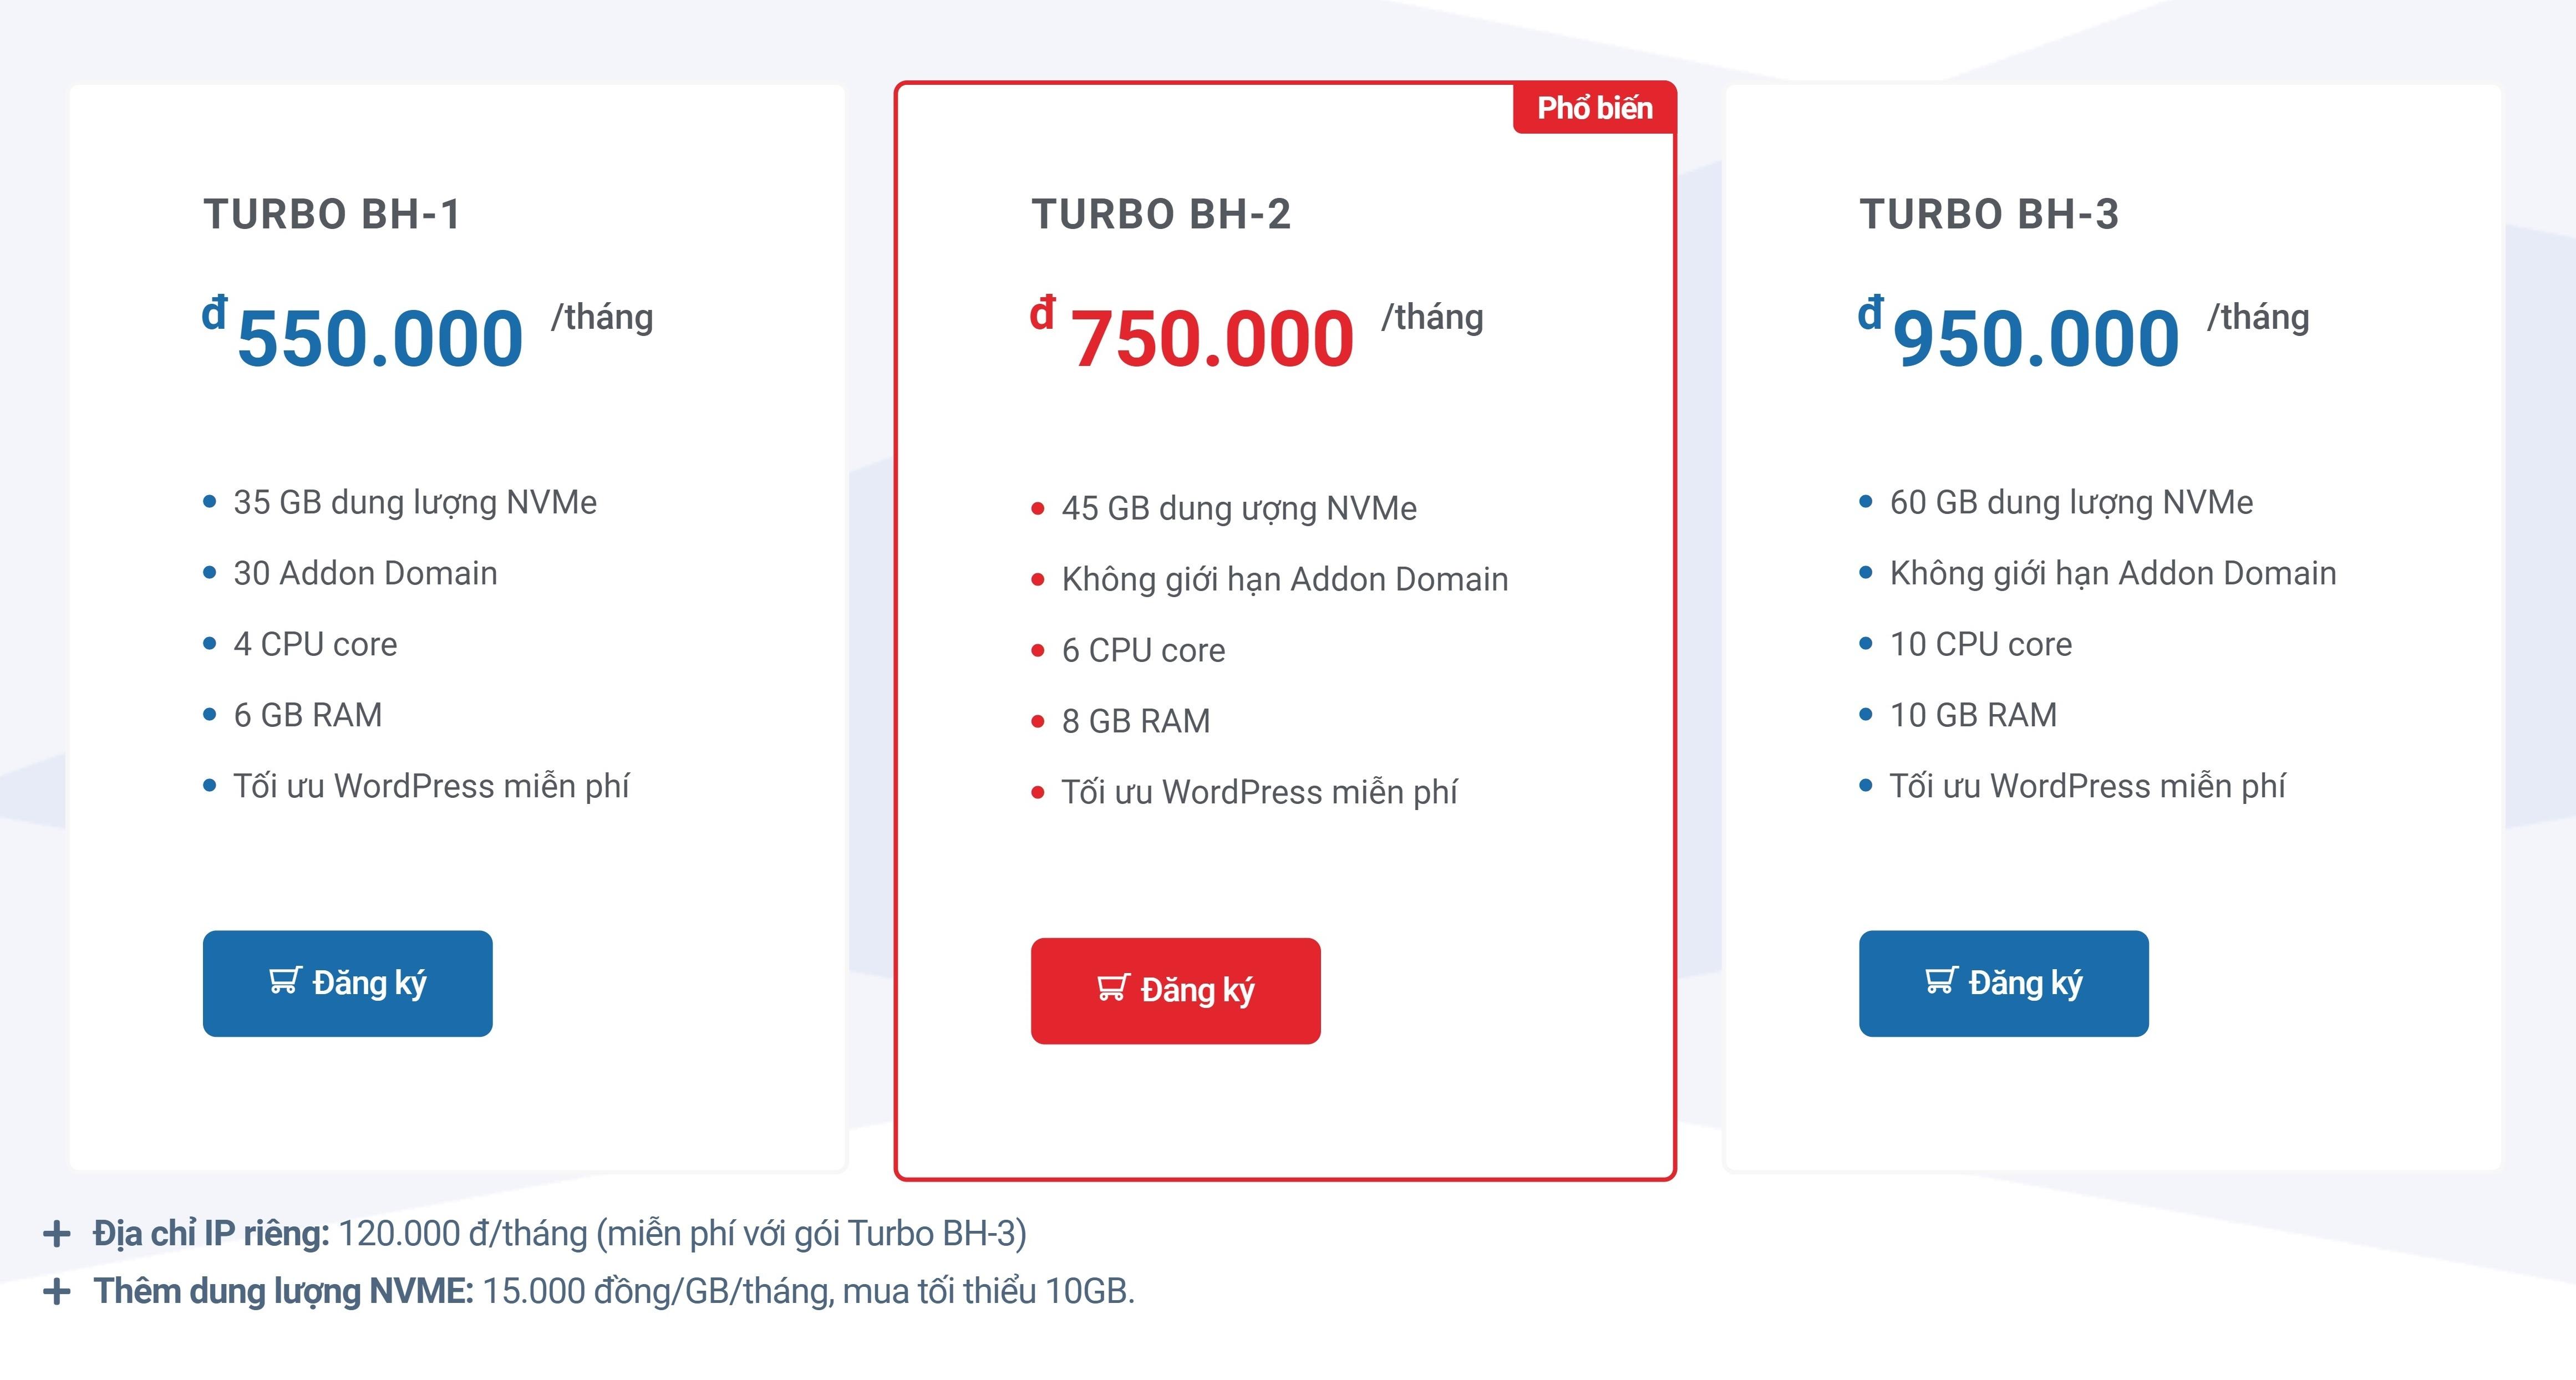 Bảng giá dịch vụ Turbo Business Hosting của AZDIGI